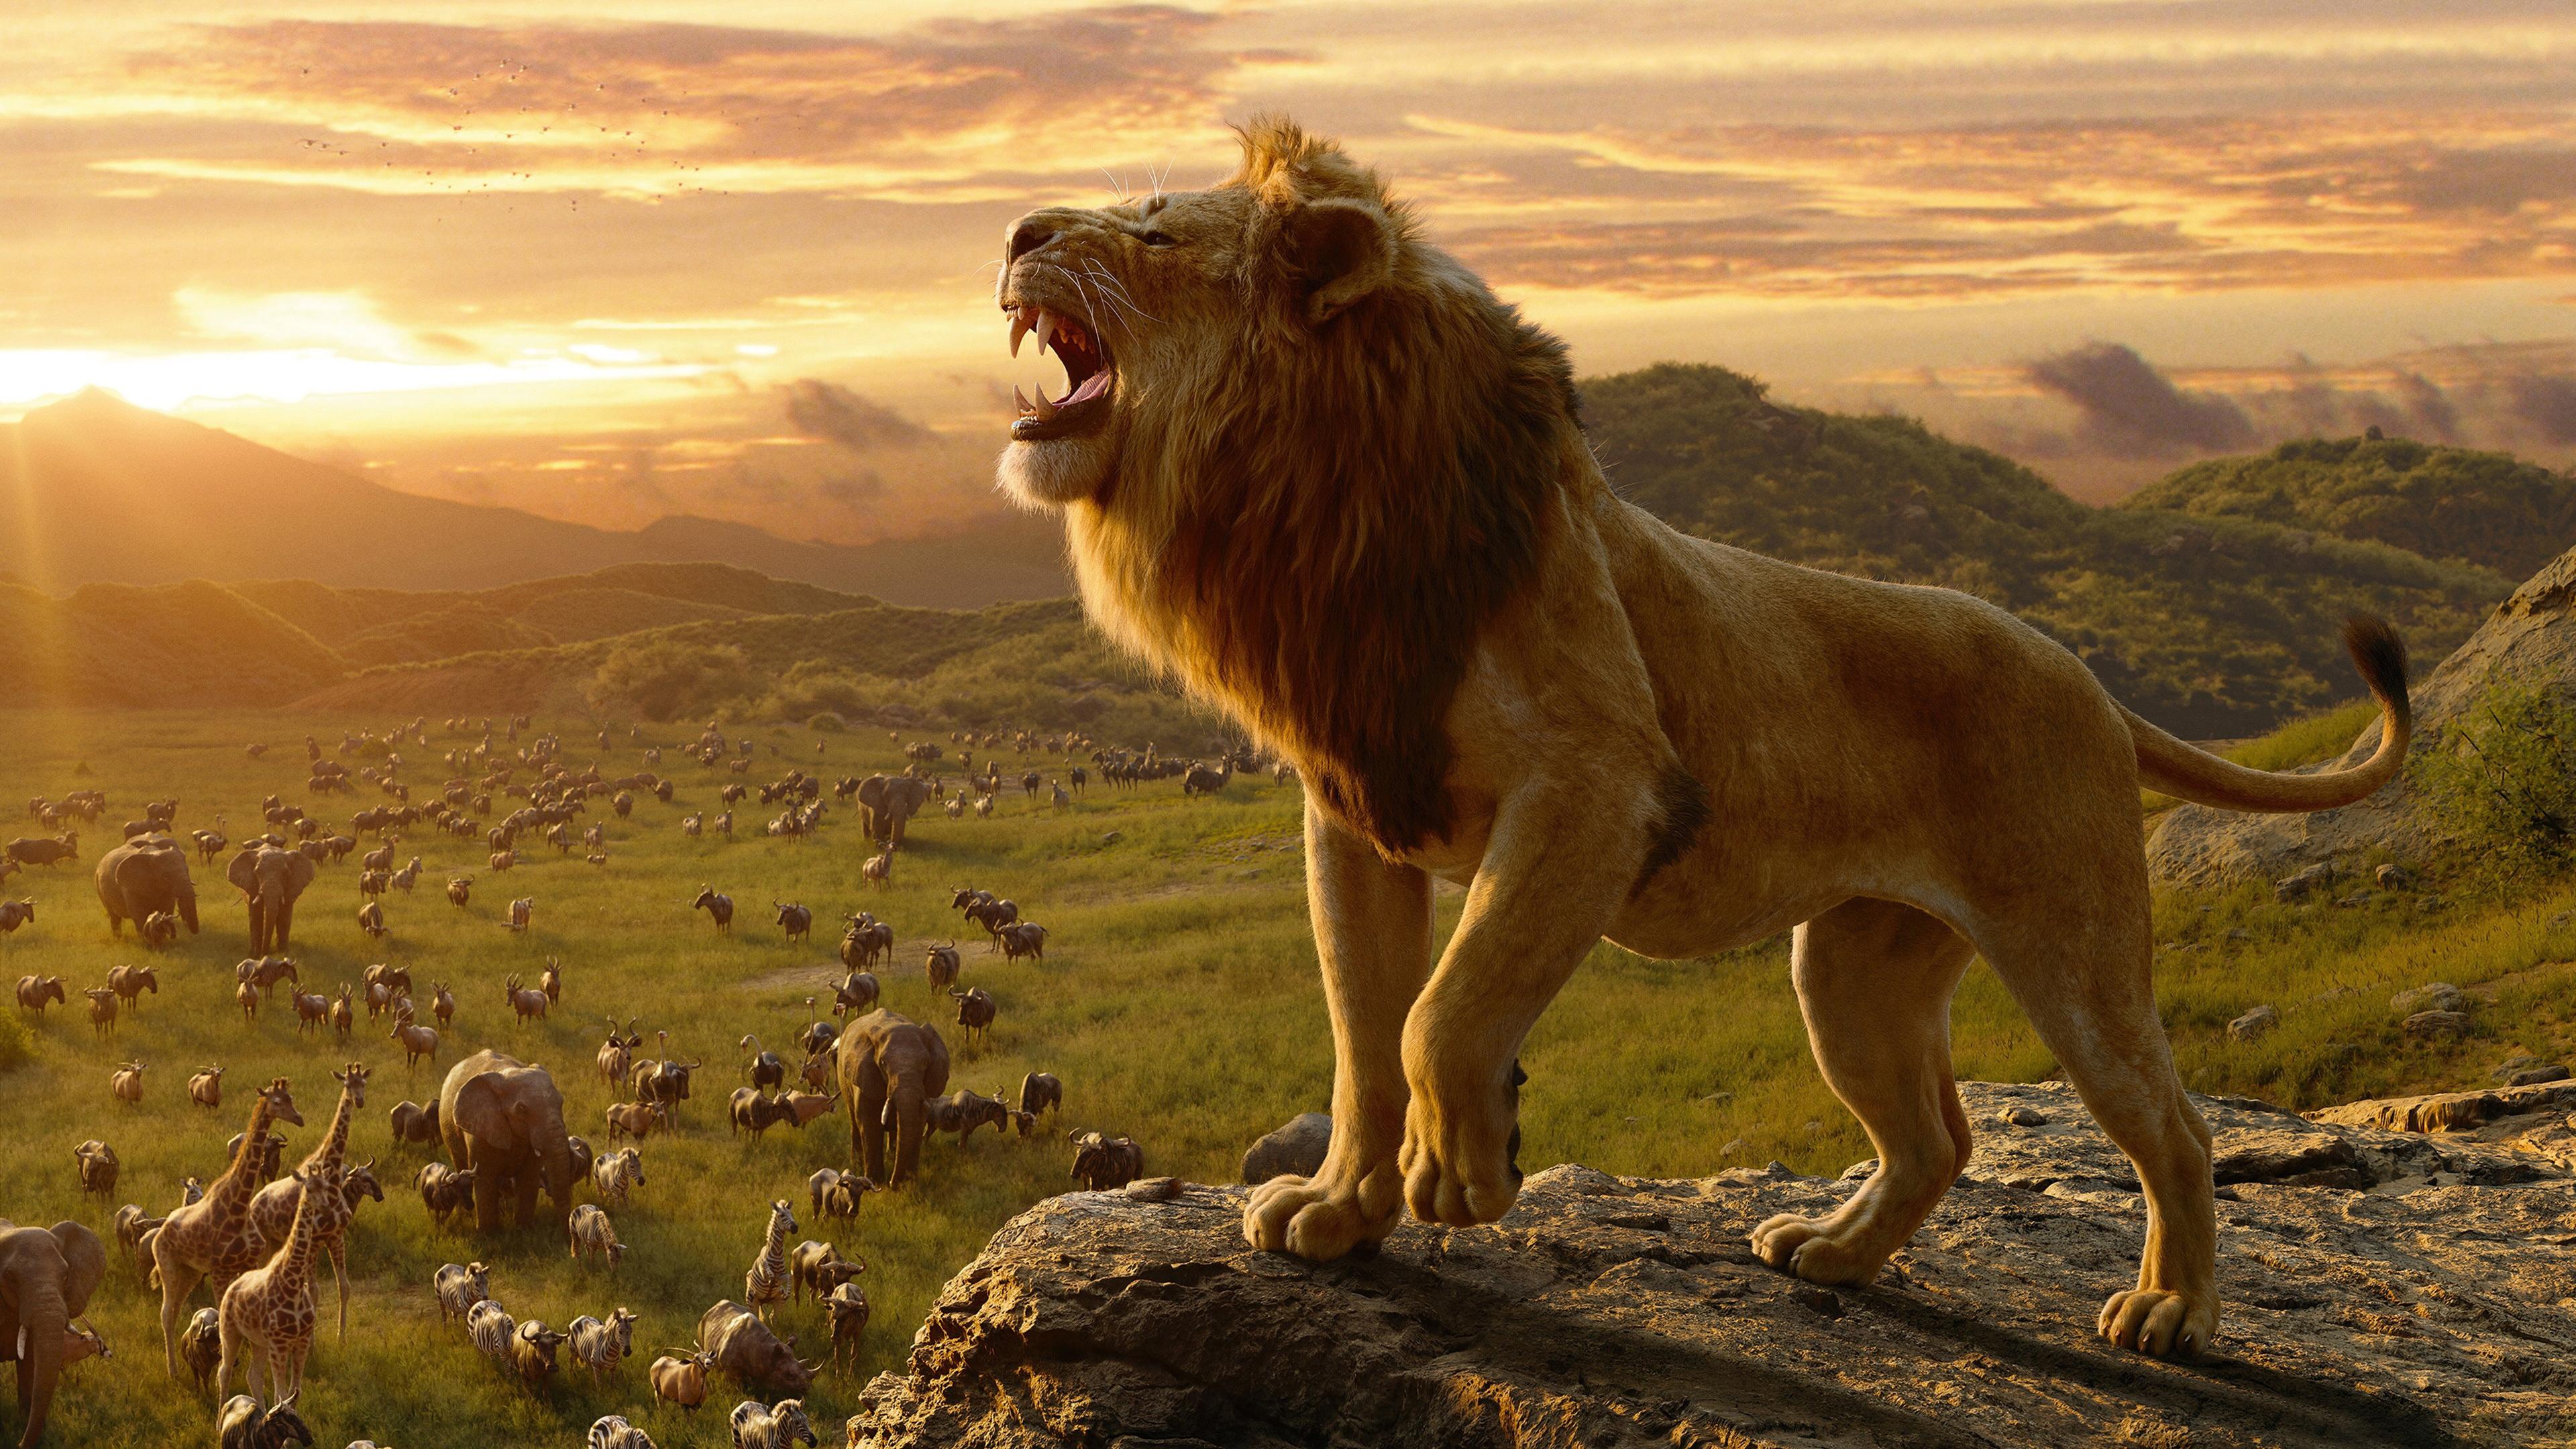 Hình nền vua sư tử